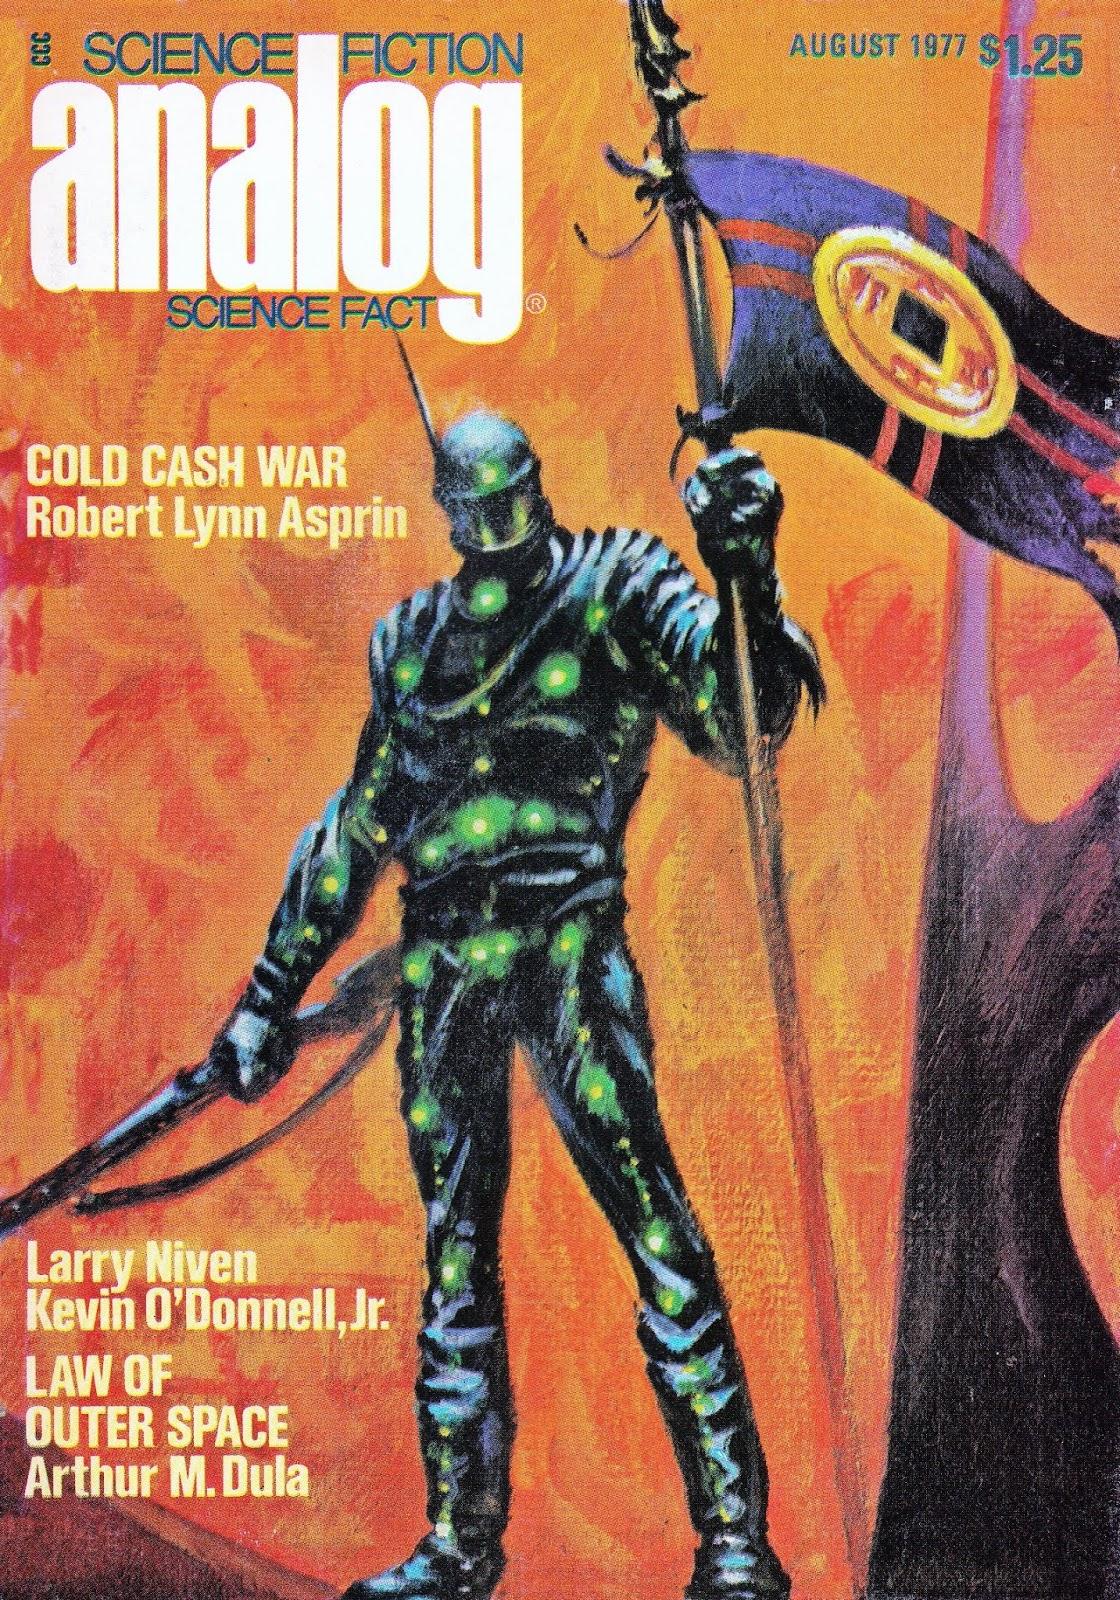 Орсон Скотт Кард — Игра Эндера (1977)